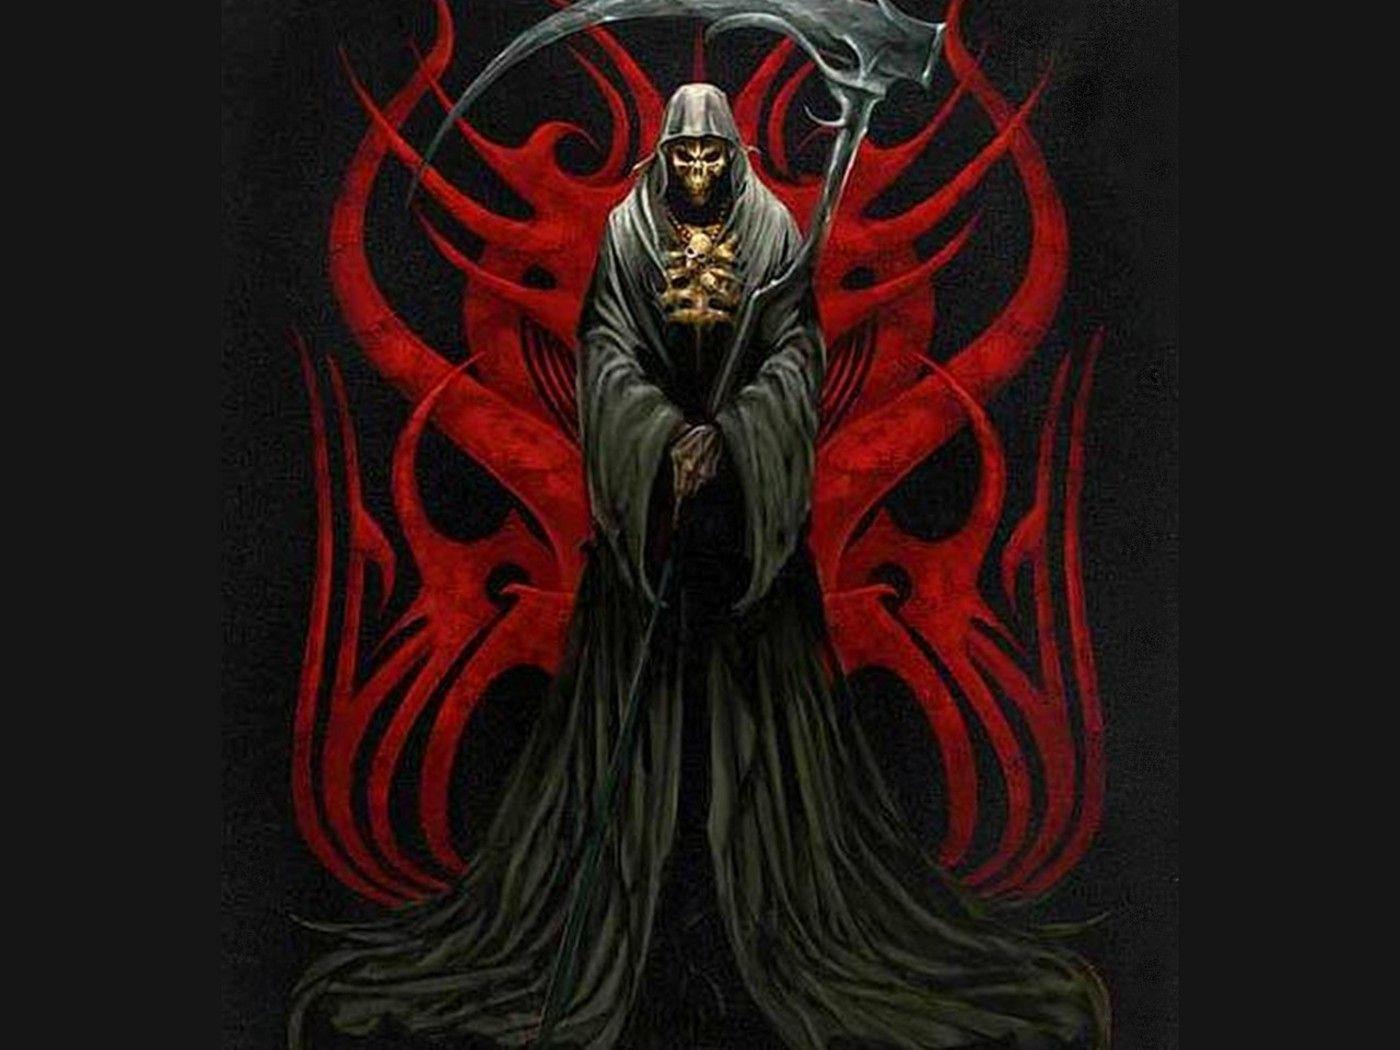 Pheonix M6 Reaper Wallpapers Grim Reaper Pictures Grim Reaper Skull Wallpaper